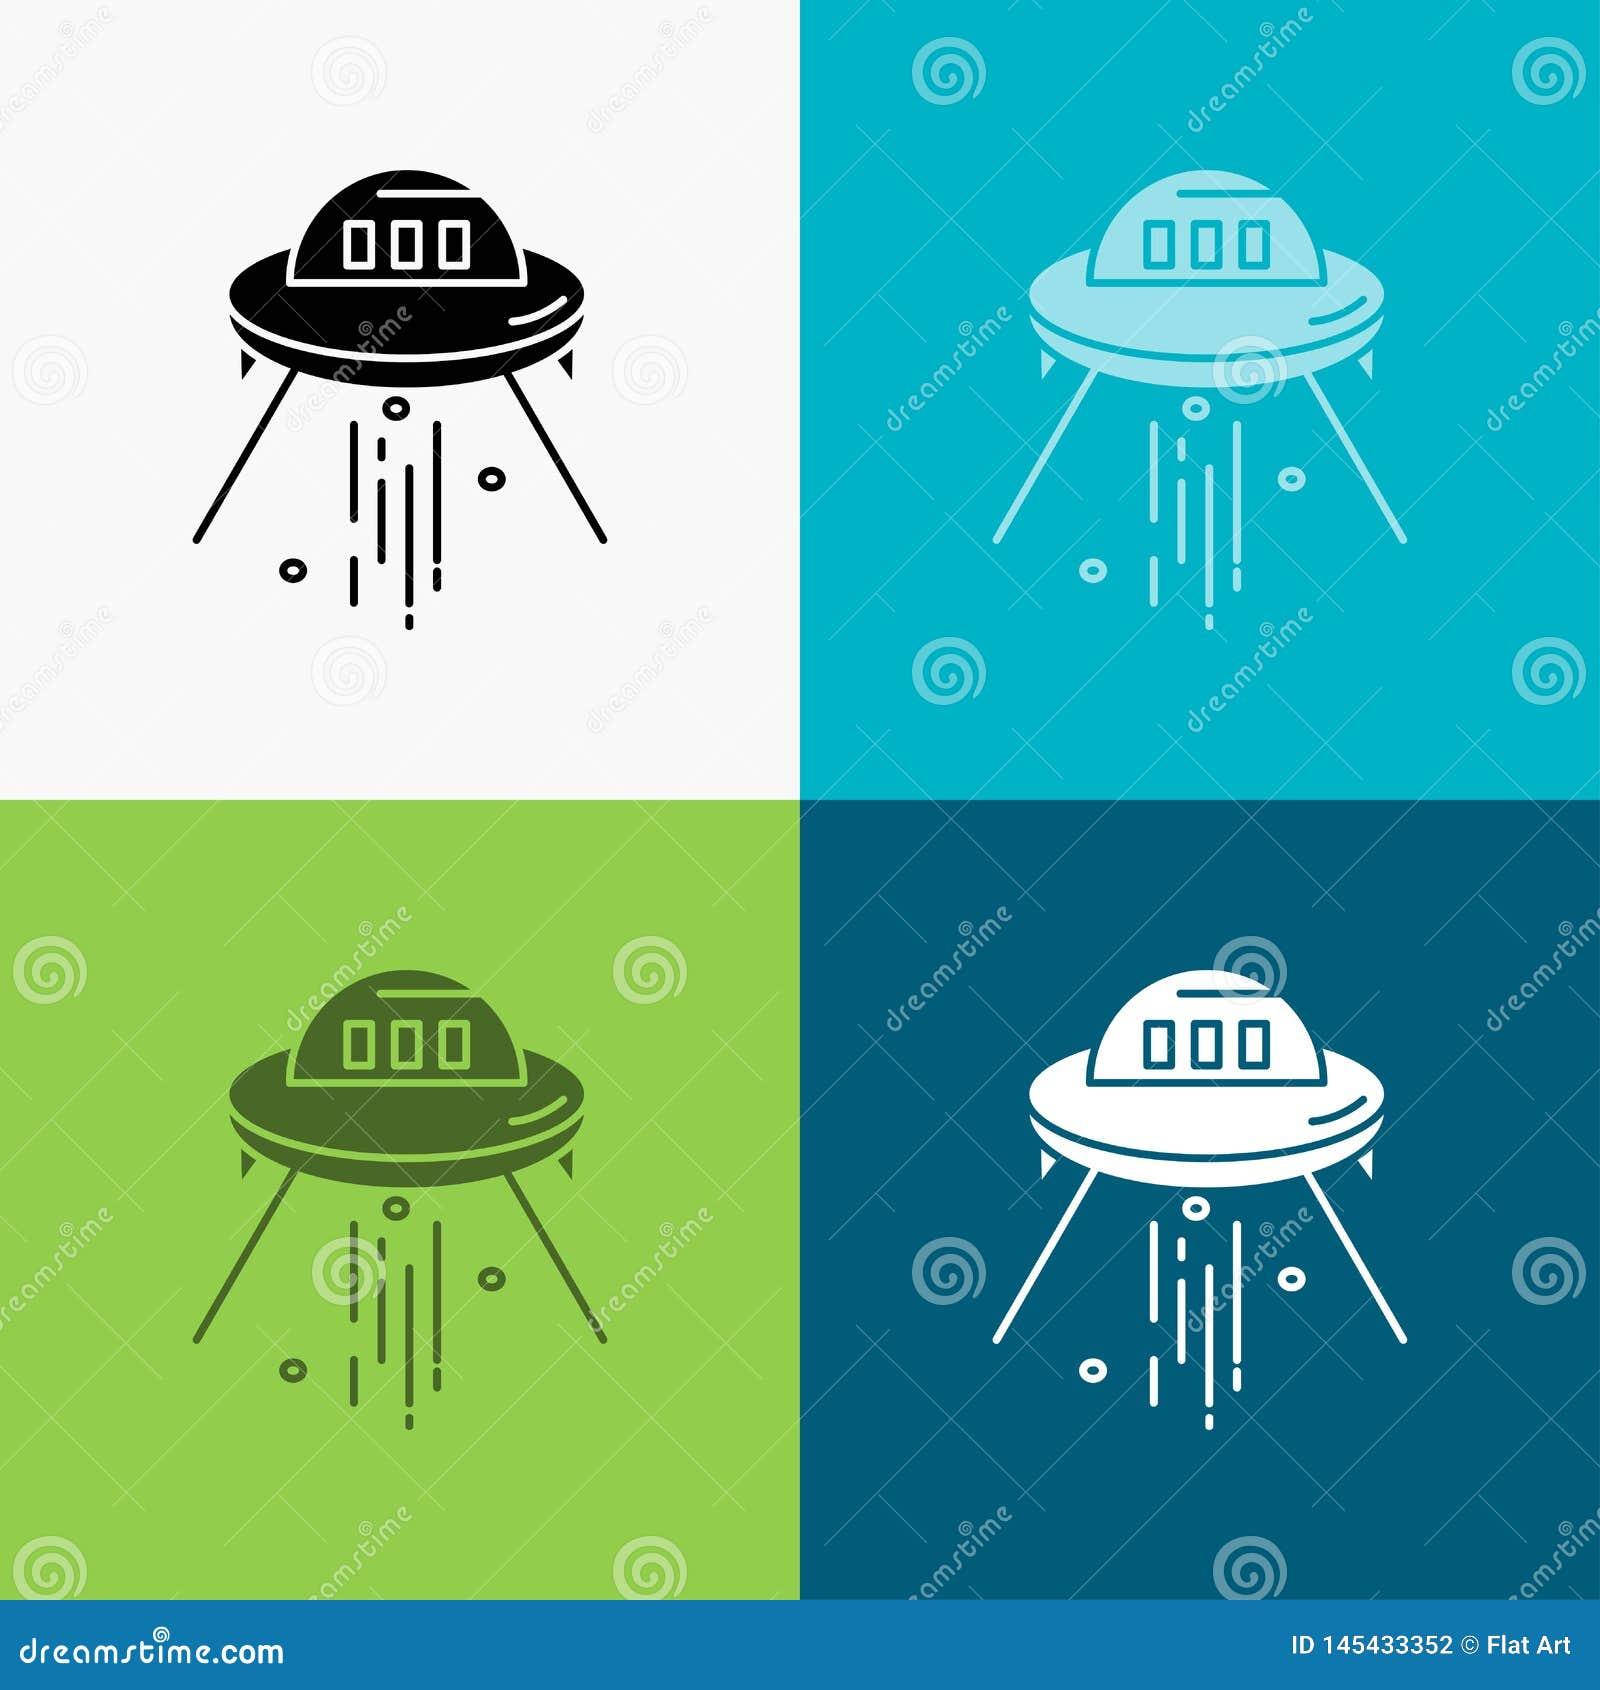 διαστημικό σκάφος, διάστημα, σκάφος, πύραυλος, αλλοδαπό εικονίδιο πέρα από το διάφορο υπόβαθρο glyph σχέδιο ύφους, που σχεδιάζετα